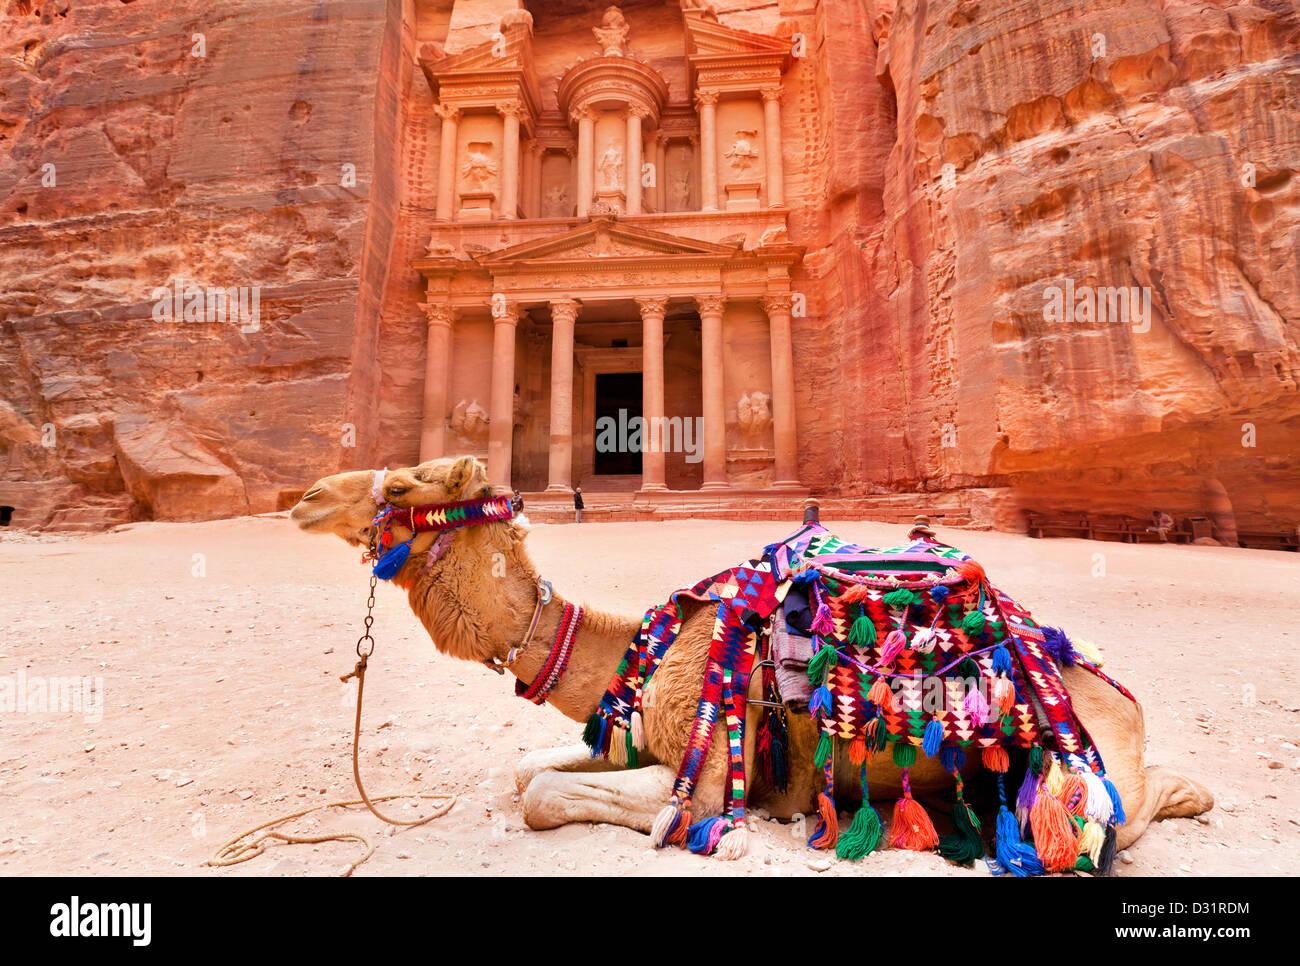 Jinetes beduinos descansa cerca del tesoro al Khazneh talladas en la roca en Petra (Jordania) Imagen De Stock